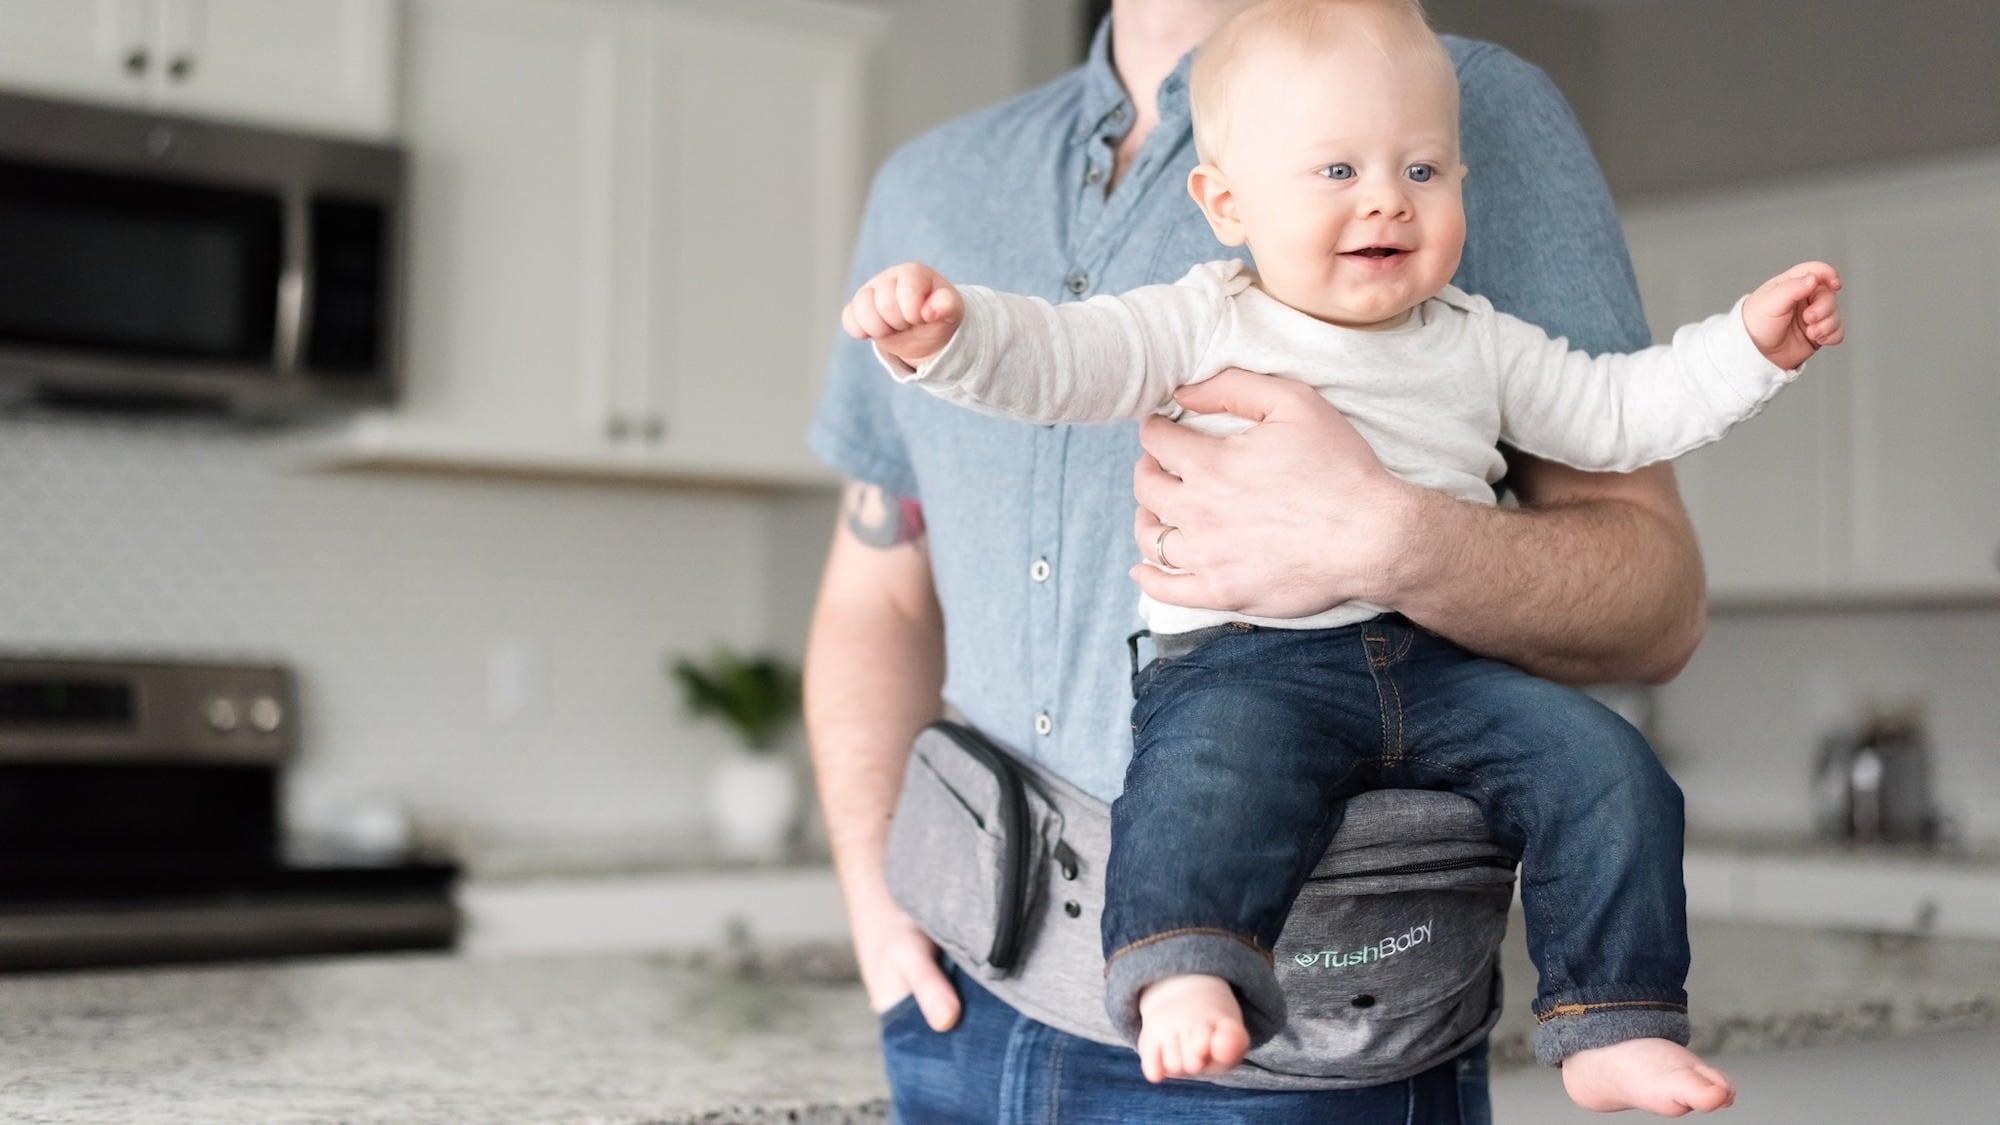 TushBaby Ergonomic Baby Carrier